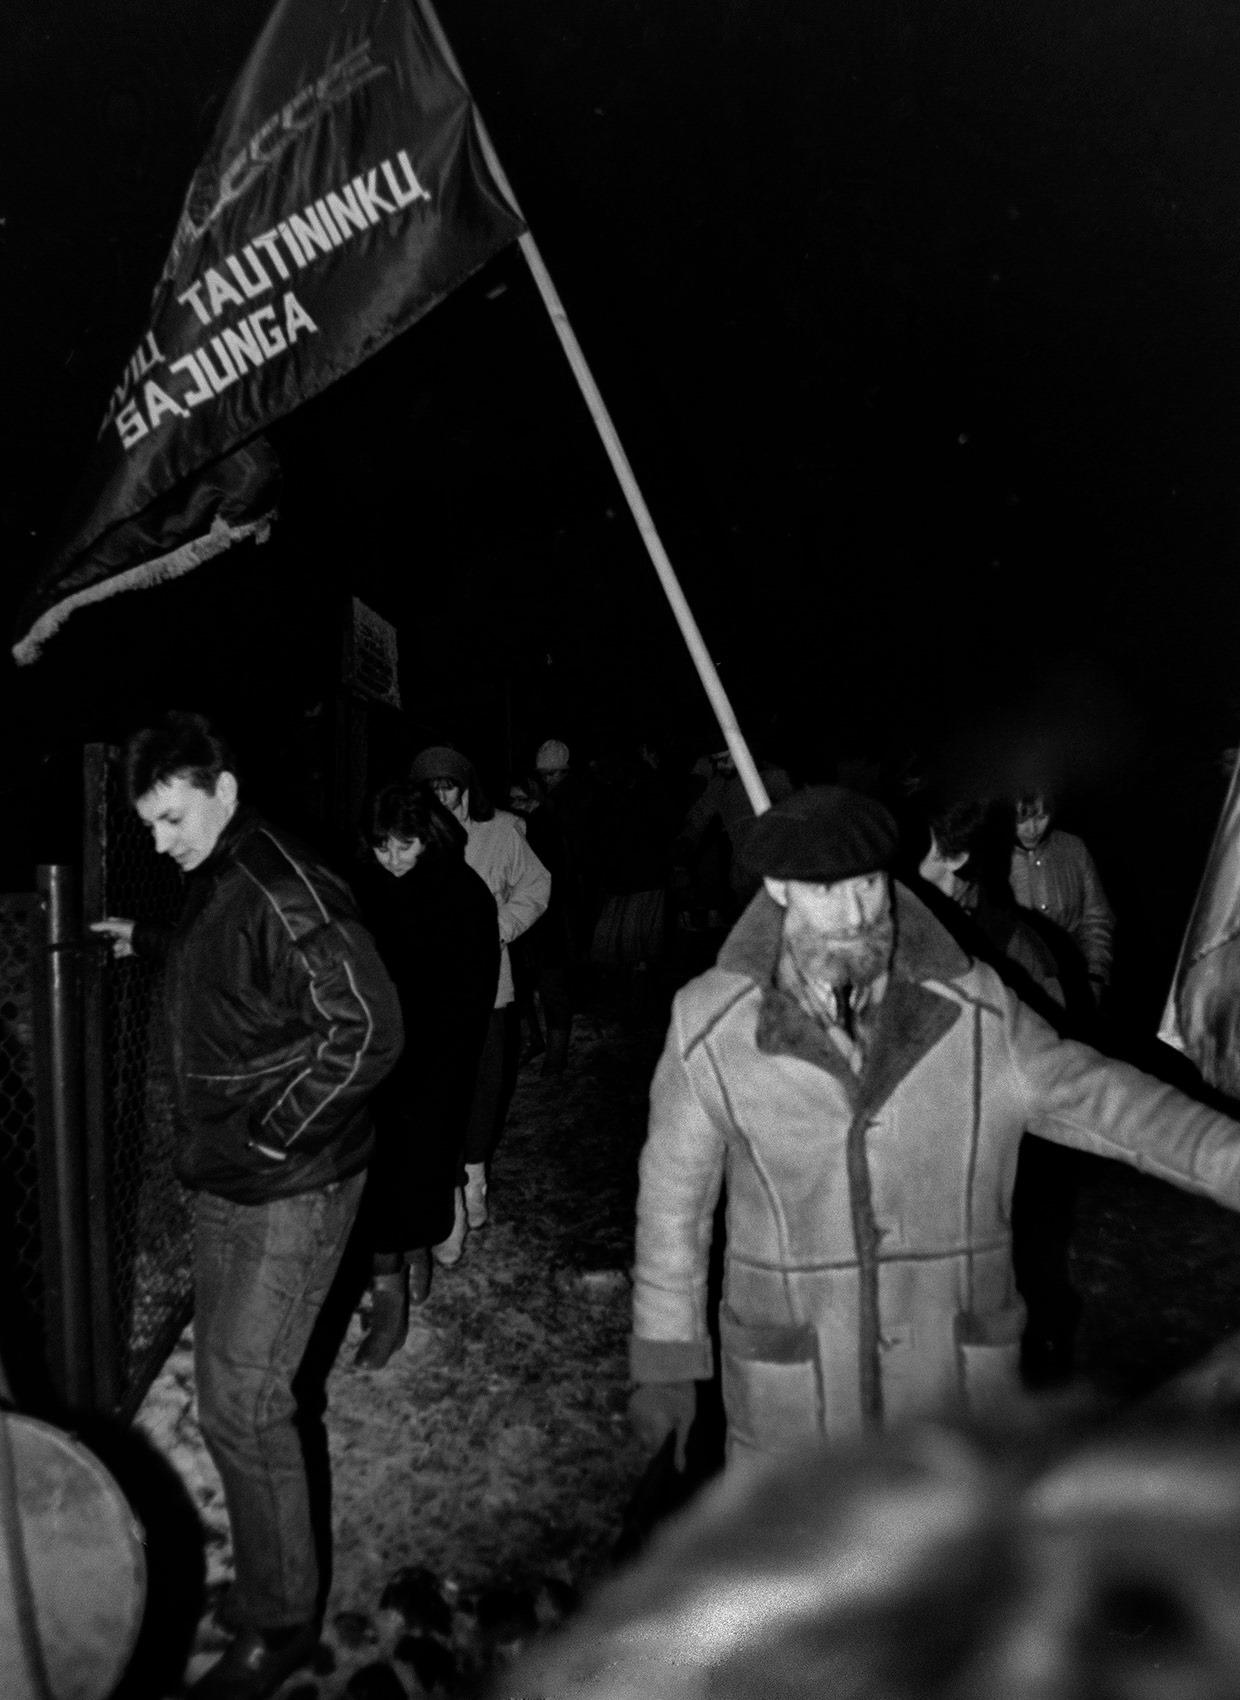 Tautininkų surengtos eitynės Gedimino prospektu 1990 vasario 16 dieną | V. Daraškevičiaus nuotr.